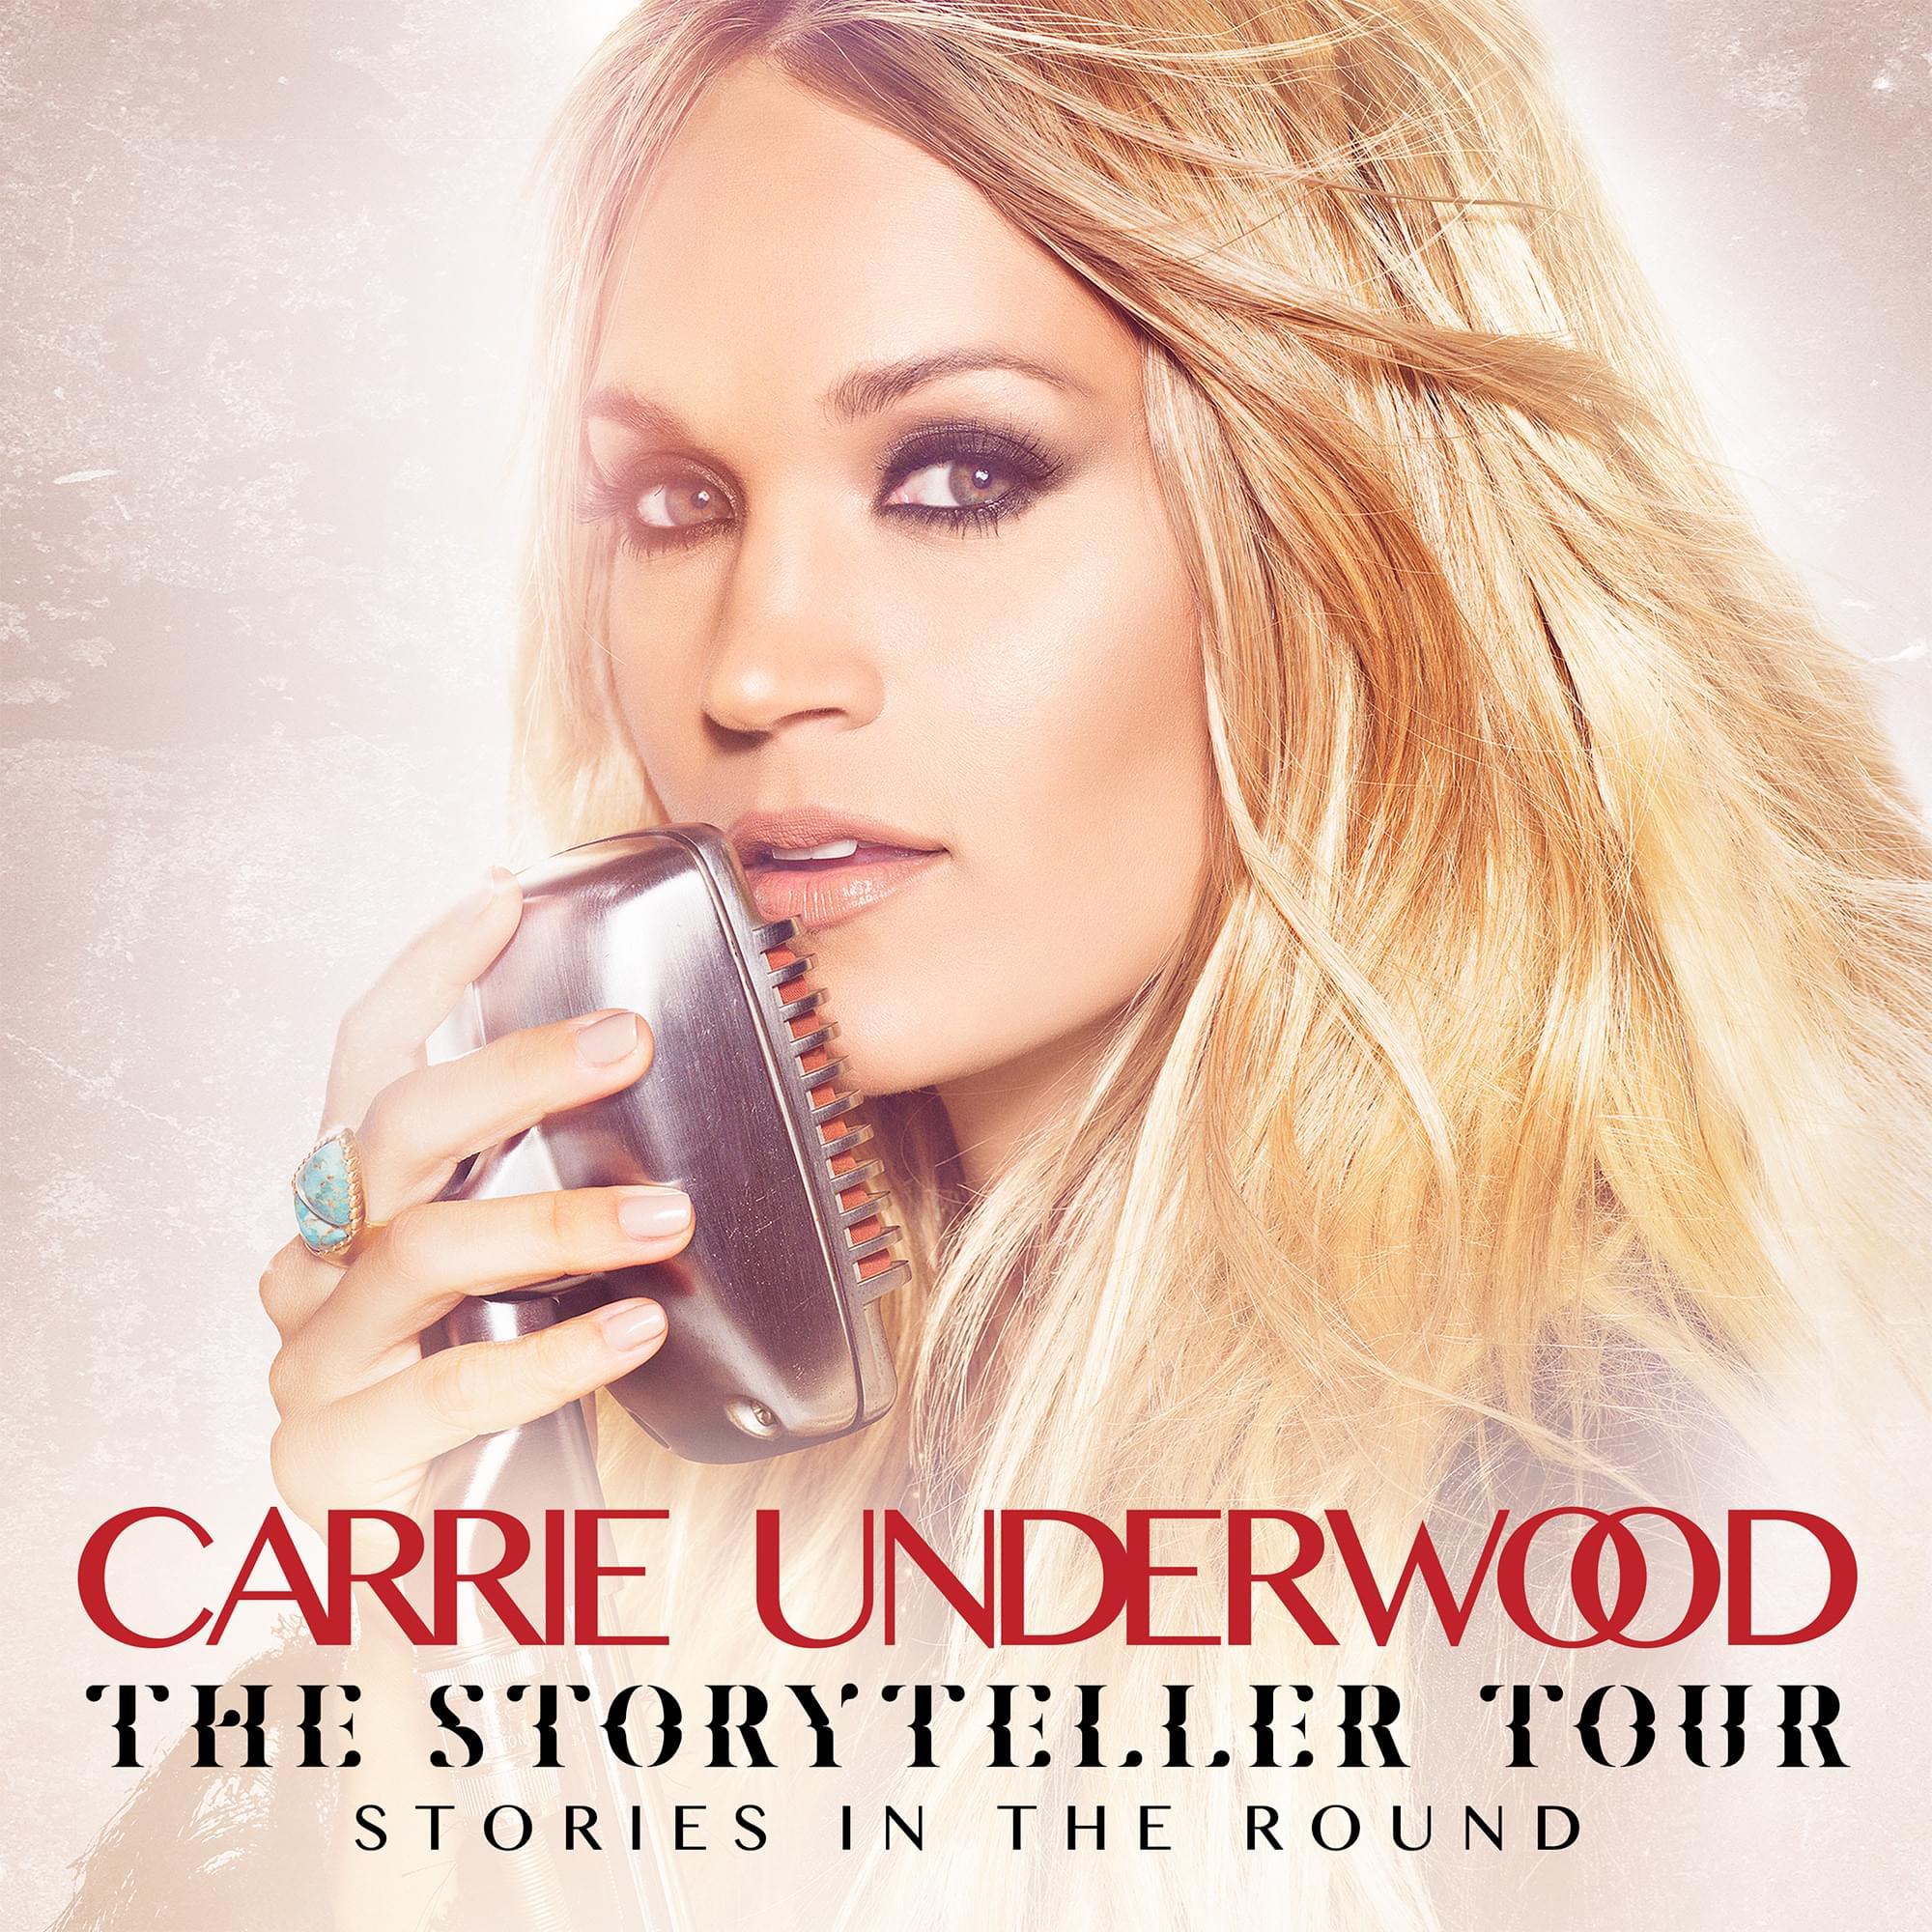 Carrie Underwood Announces 2016 Tour!